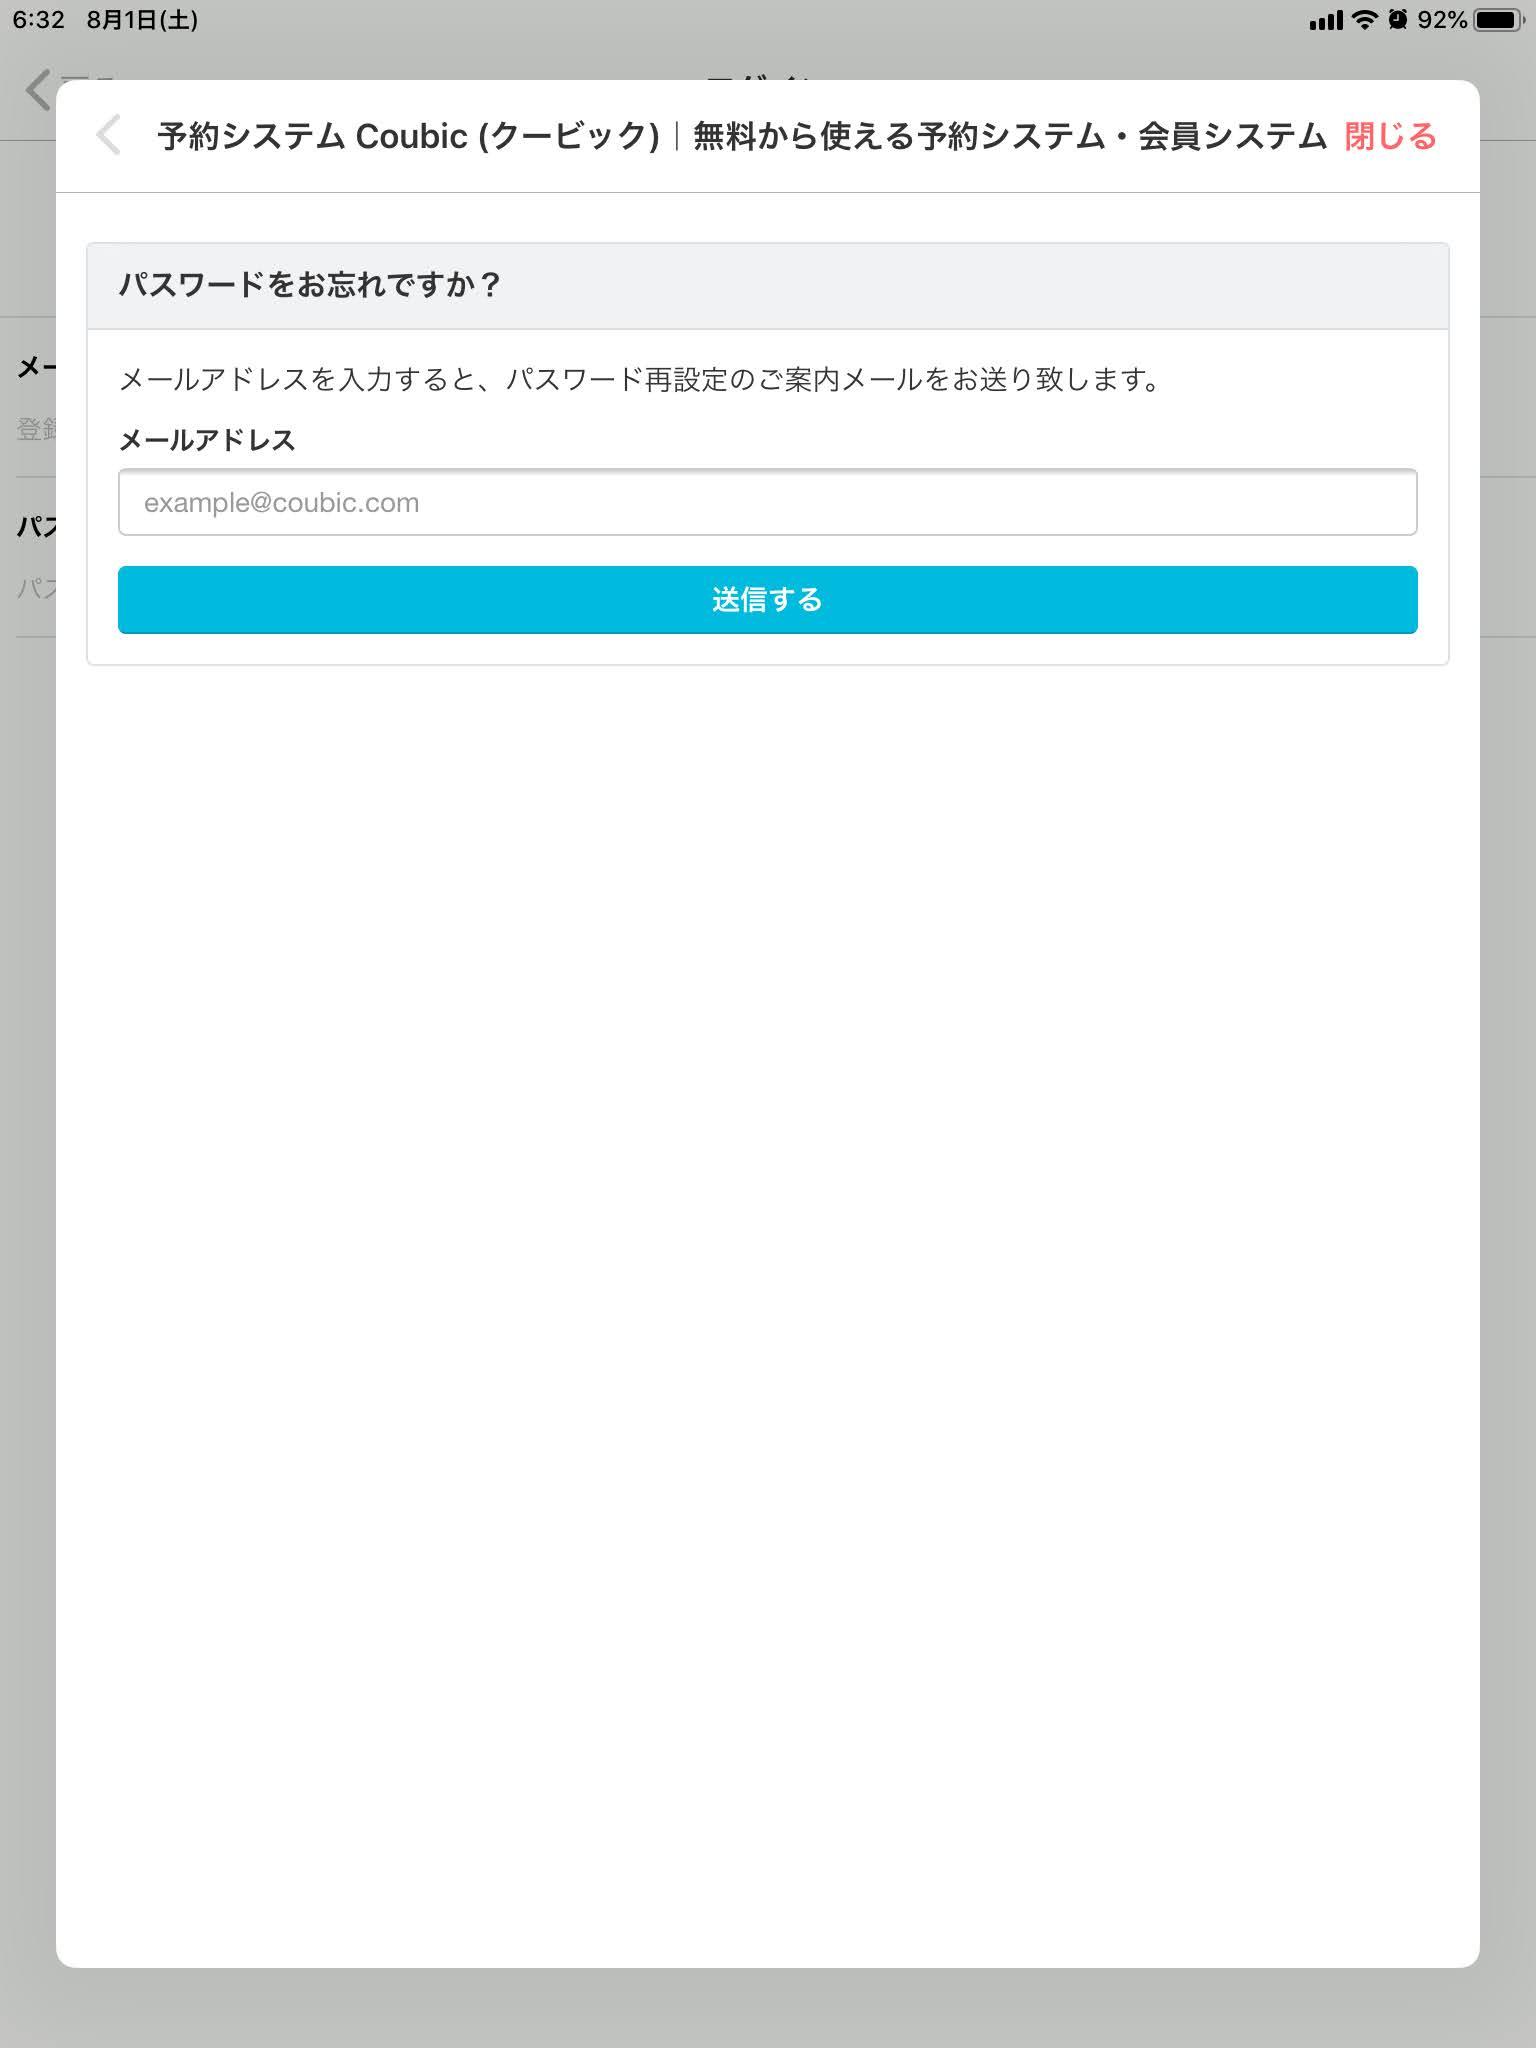 登録メールを記入し送信をクリック⇒再設定をするメールが送信される